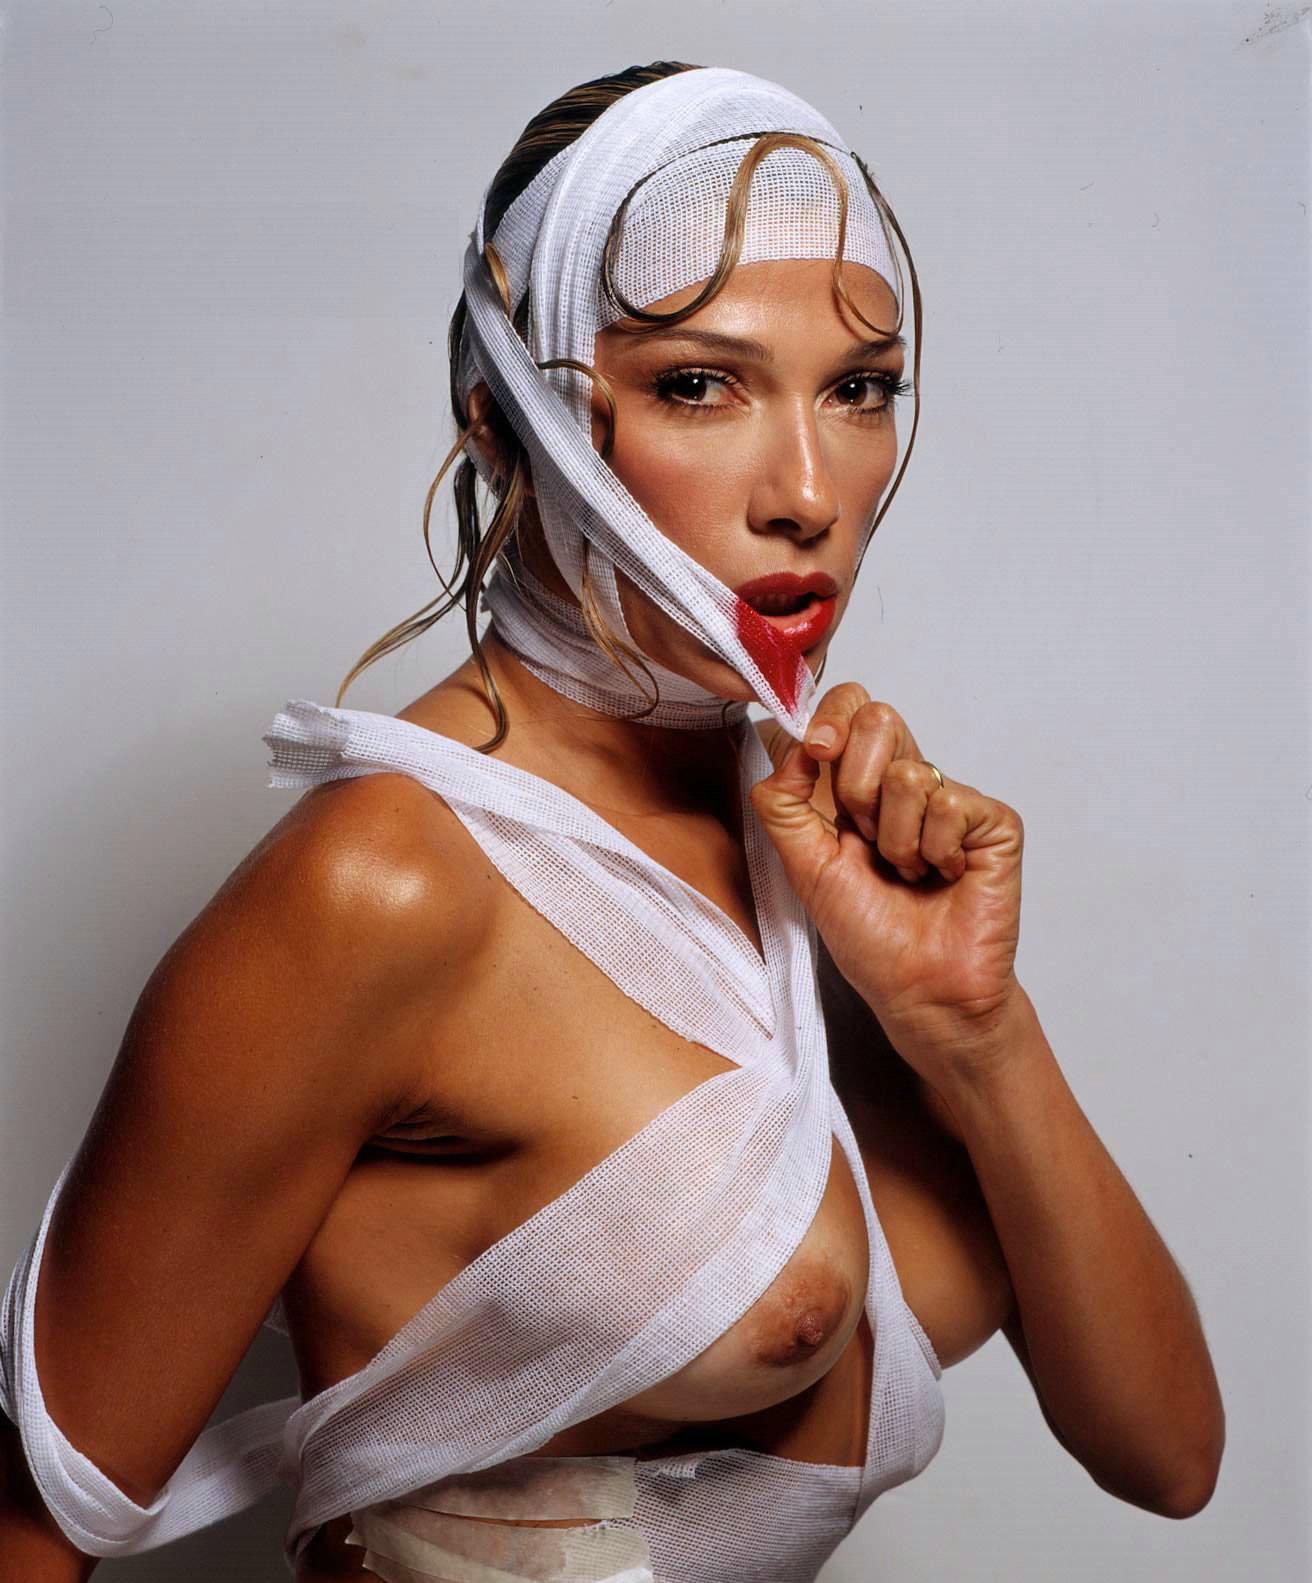 Lola actriz porno argentina enfiestada en una asado - 2 part 10